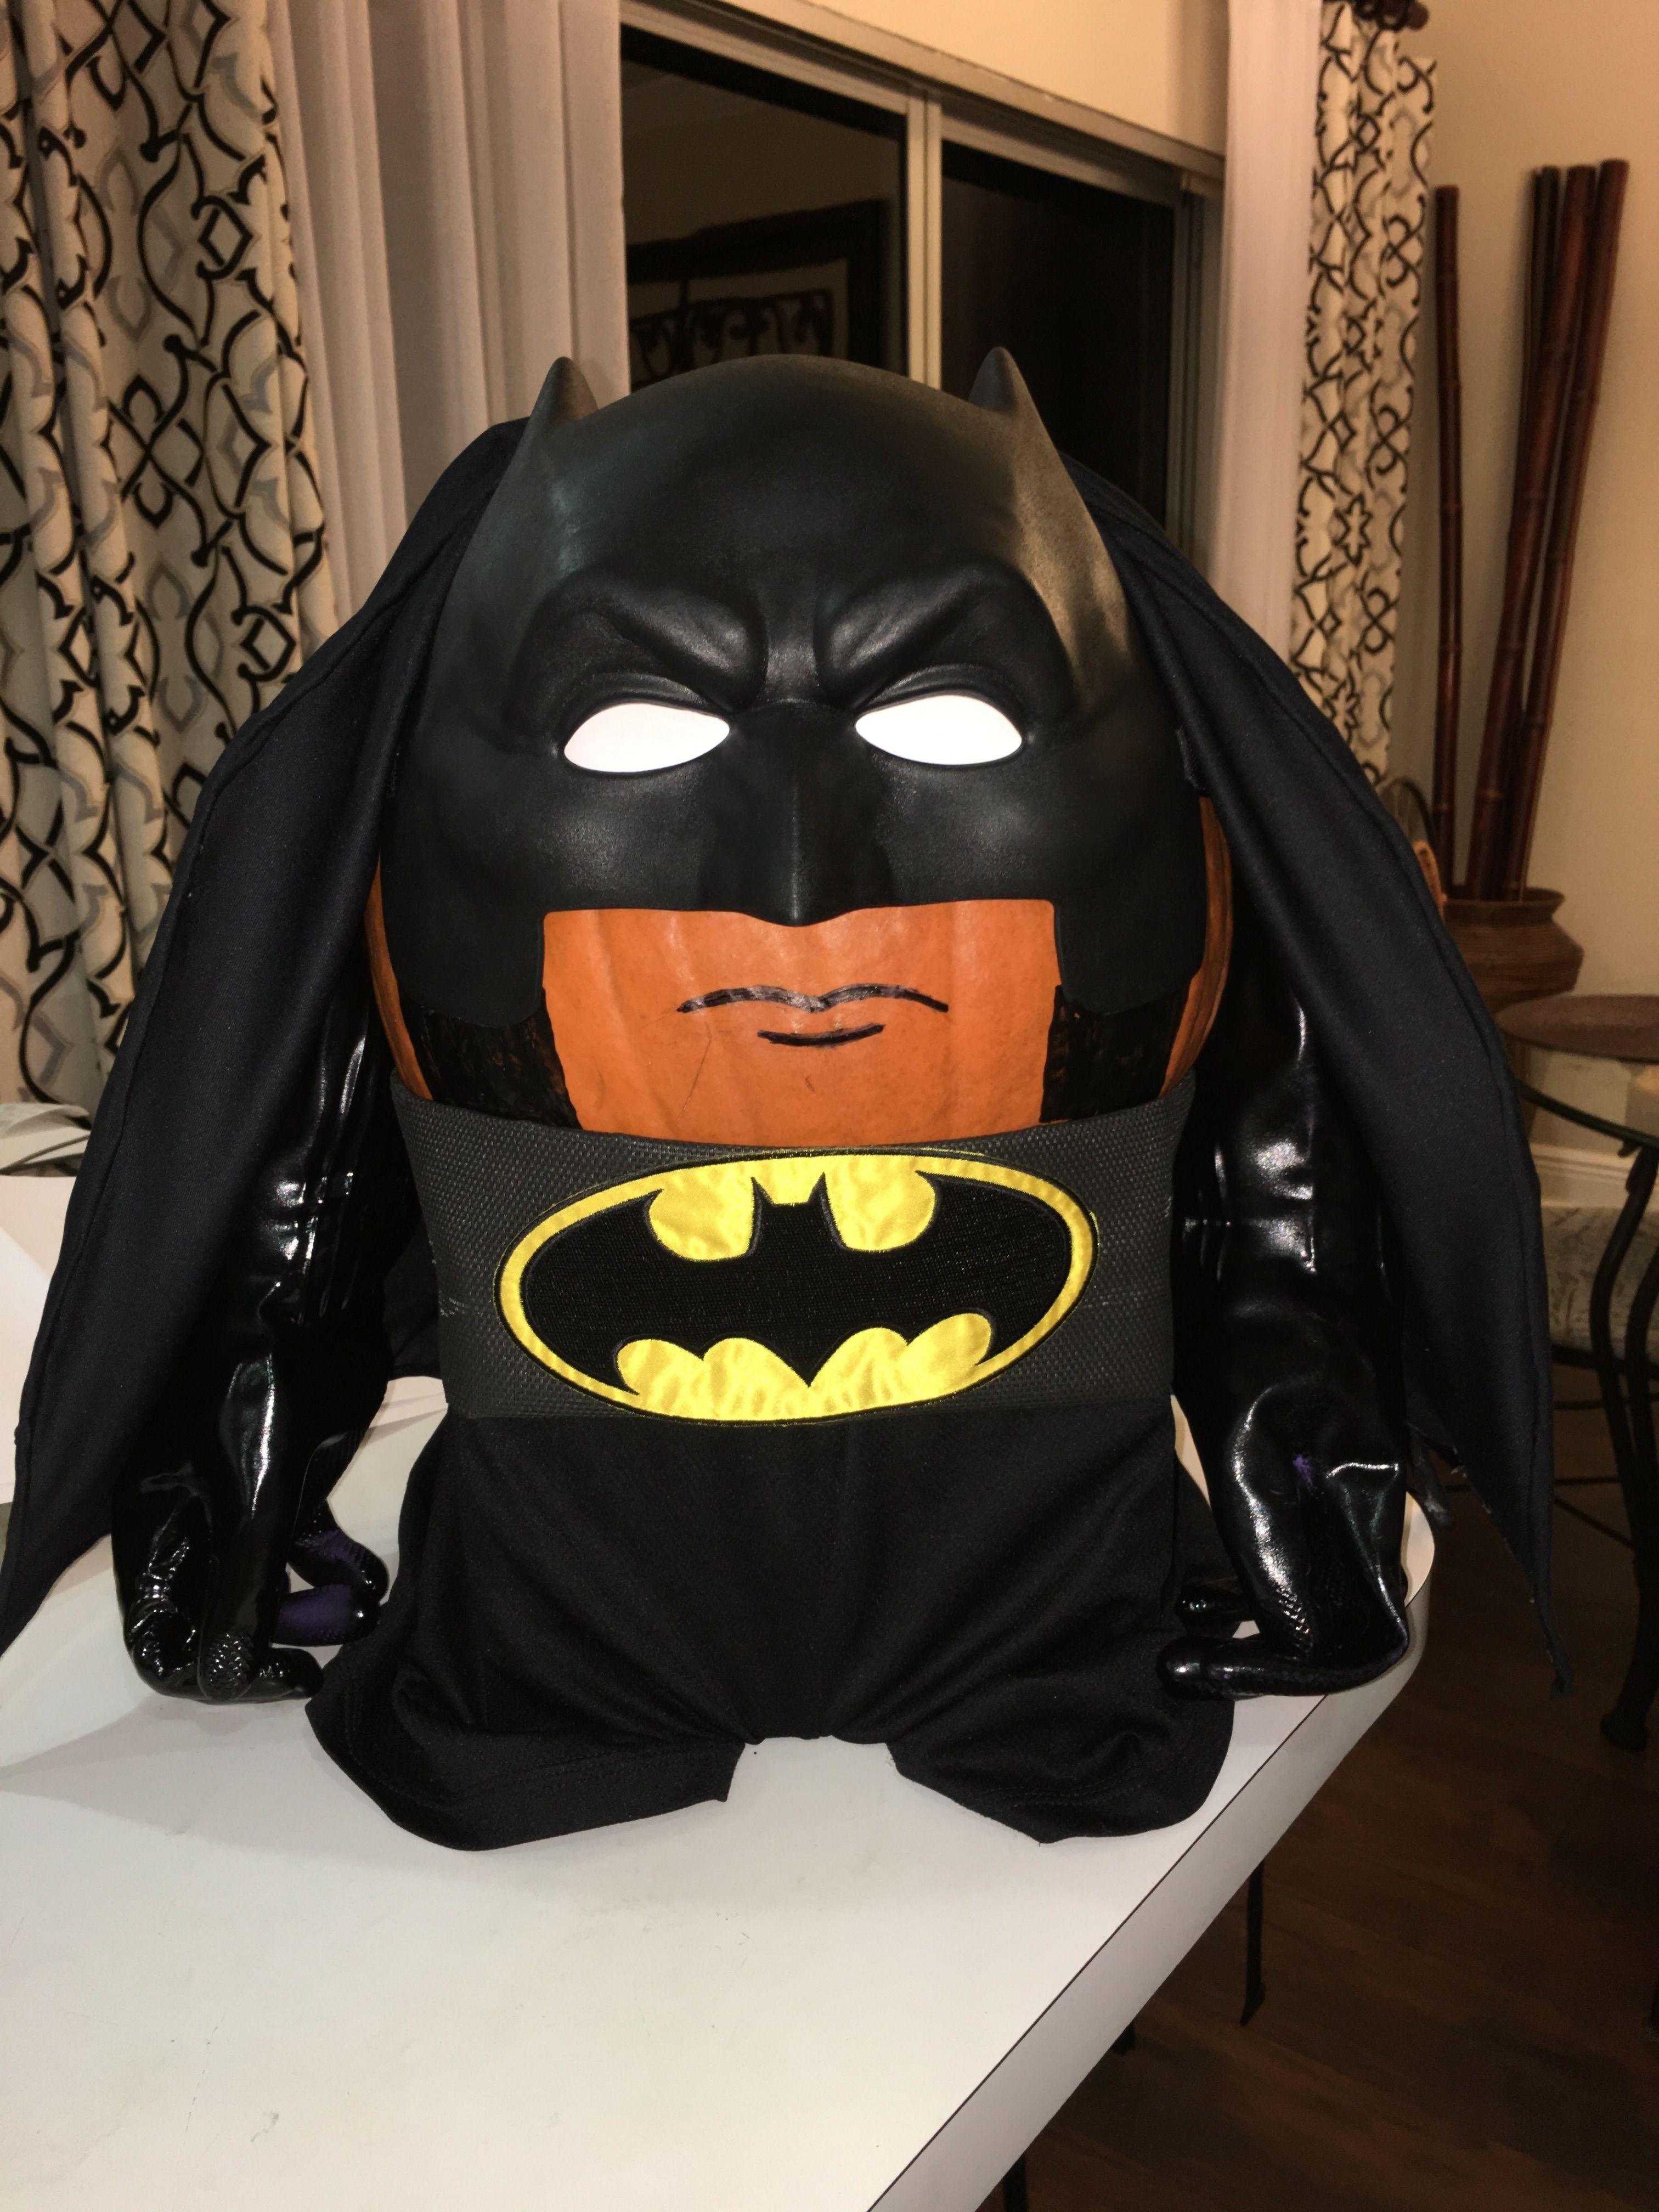 Batman Pumpkin Project Contest Superhero